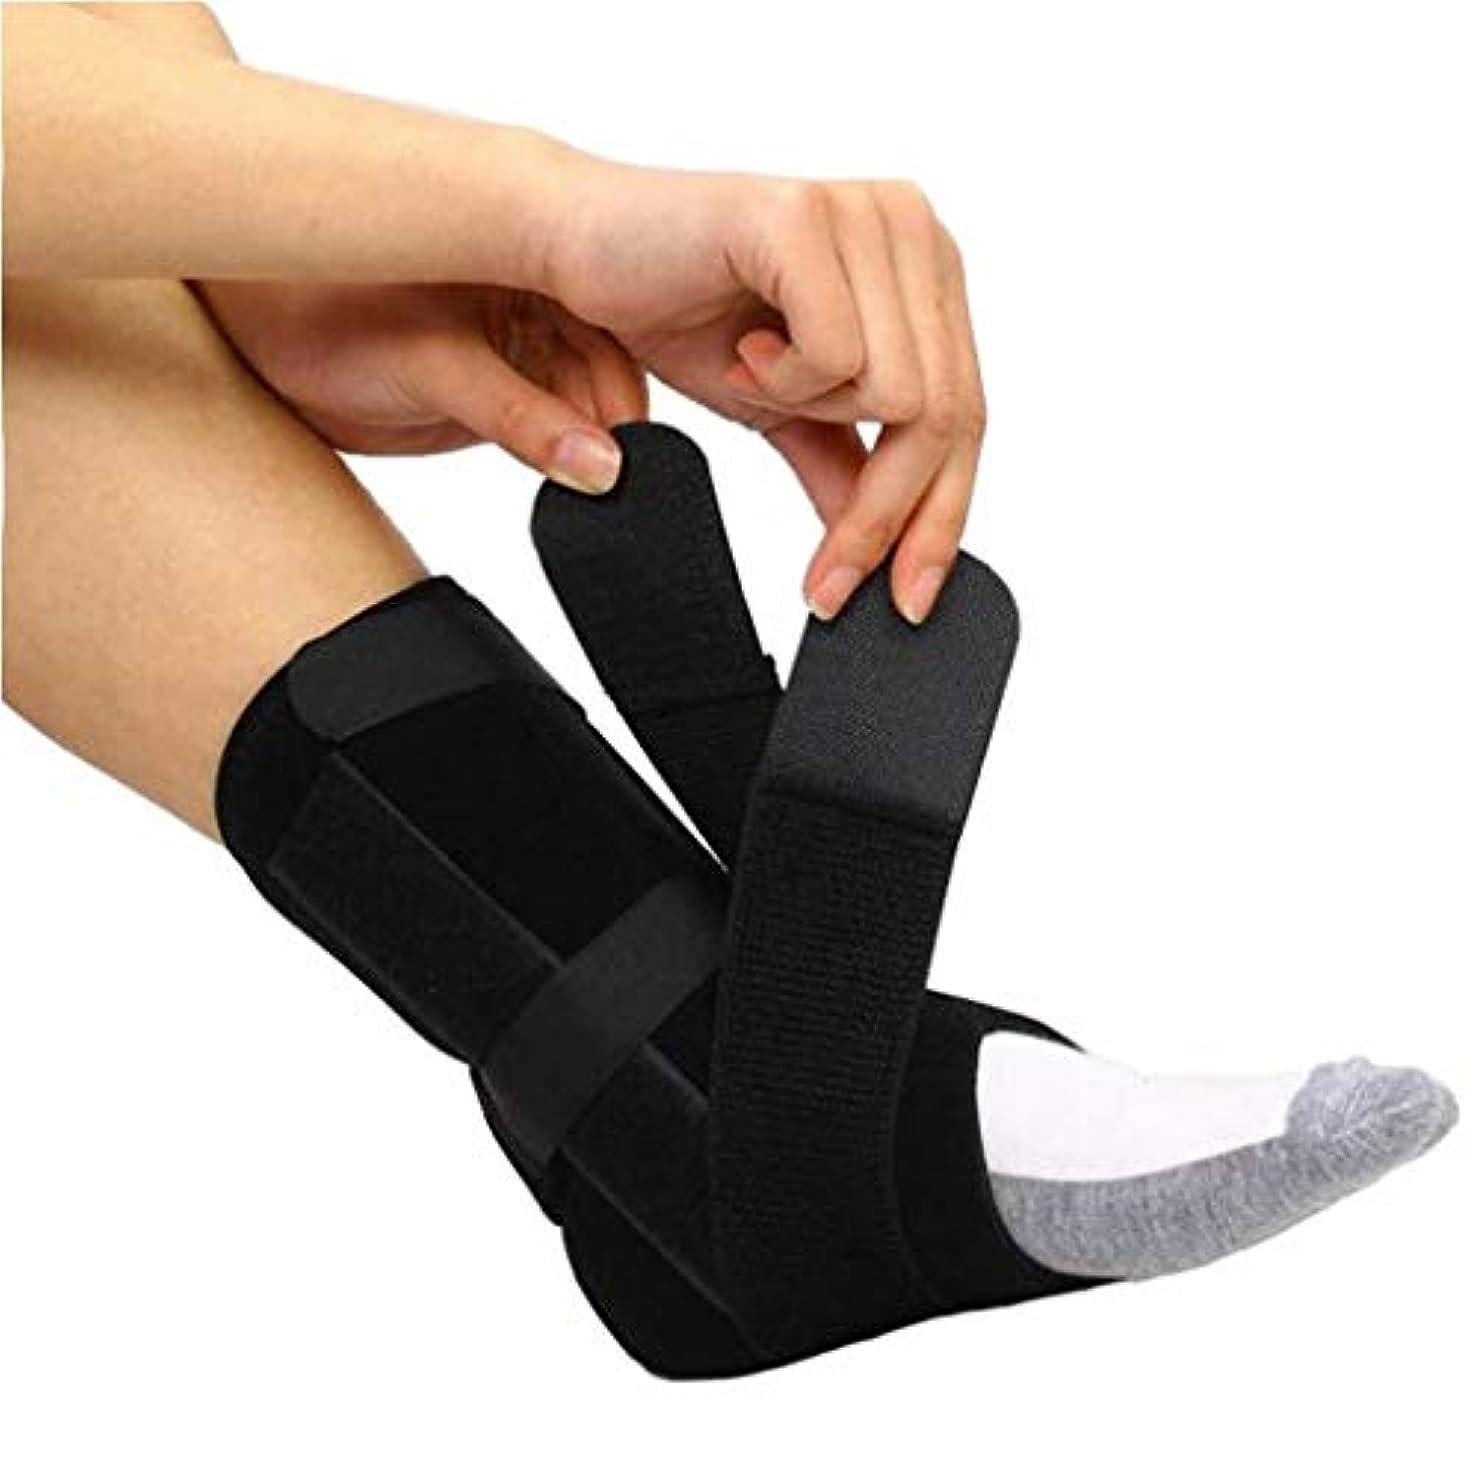 通常保安金属ドロップフット–ドロップフット、神経損傷、足の位置、圧力緩和、足首と足の装具のサポート-ユニセックス (Size : L)